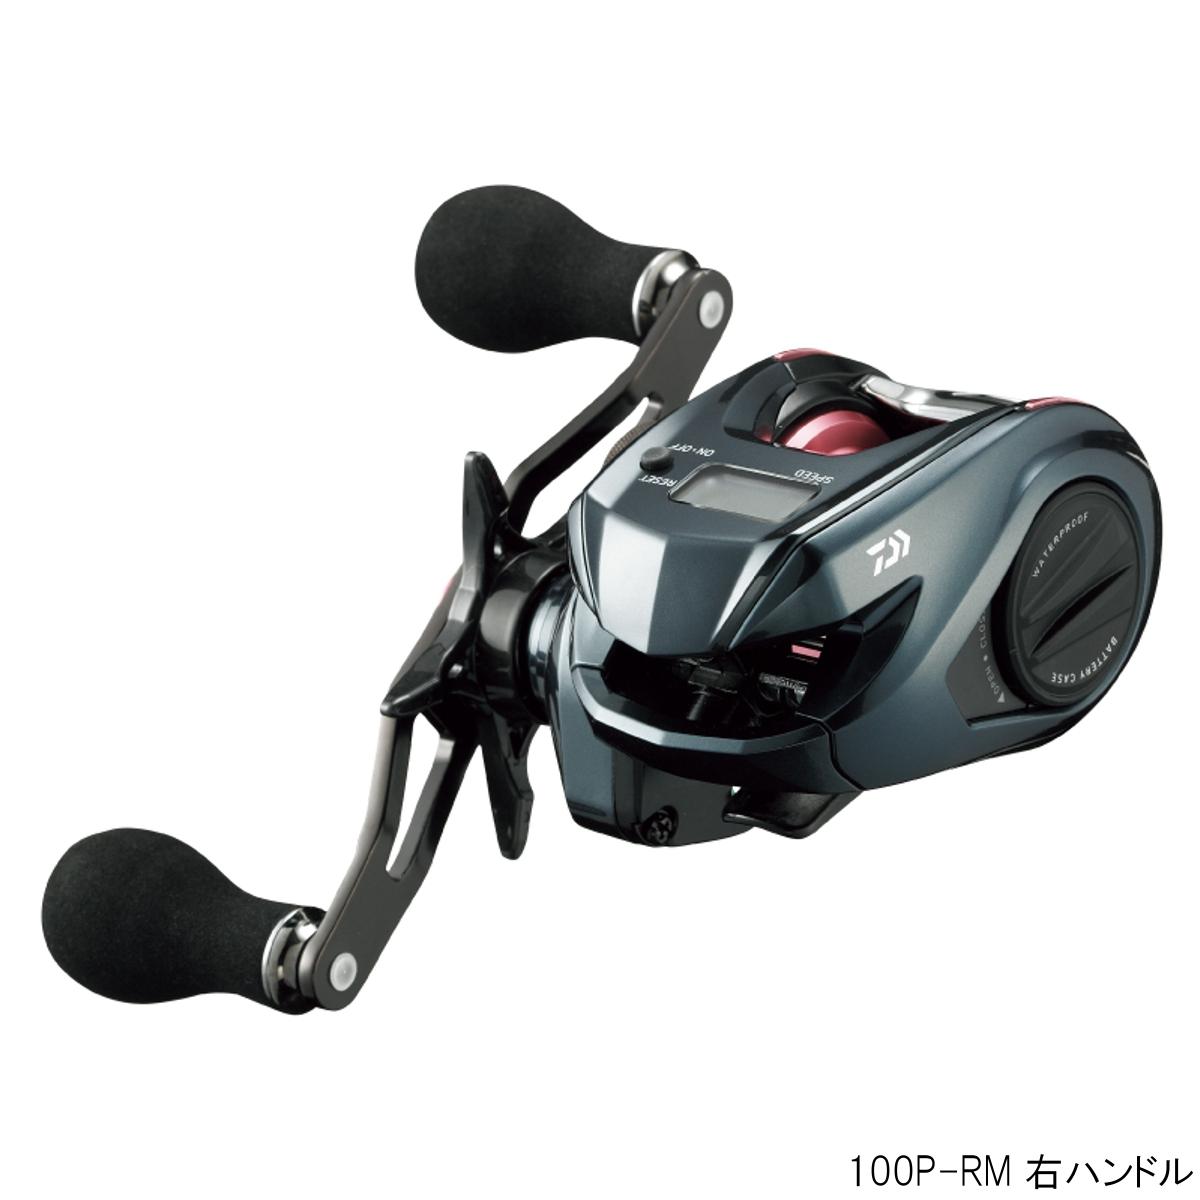 ダイワ 紅牙 IC 100P-RM 右ハンドル【送料無料】